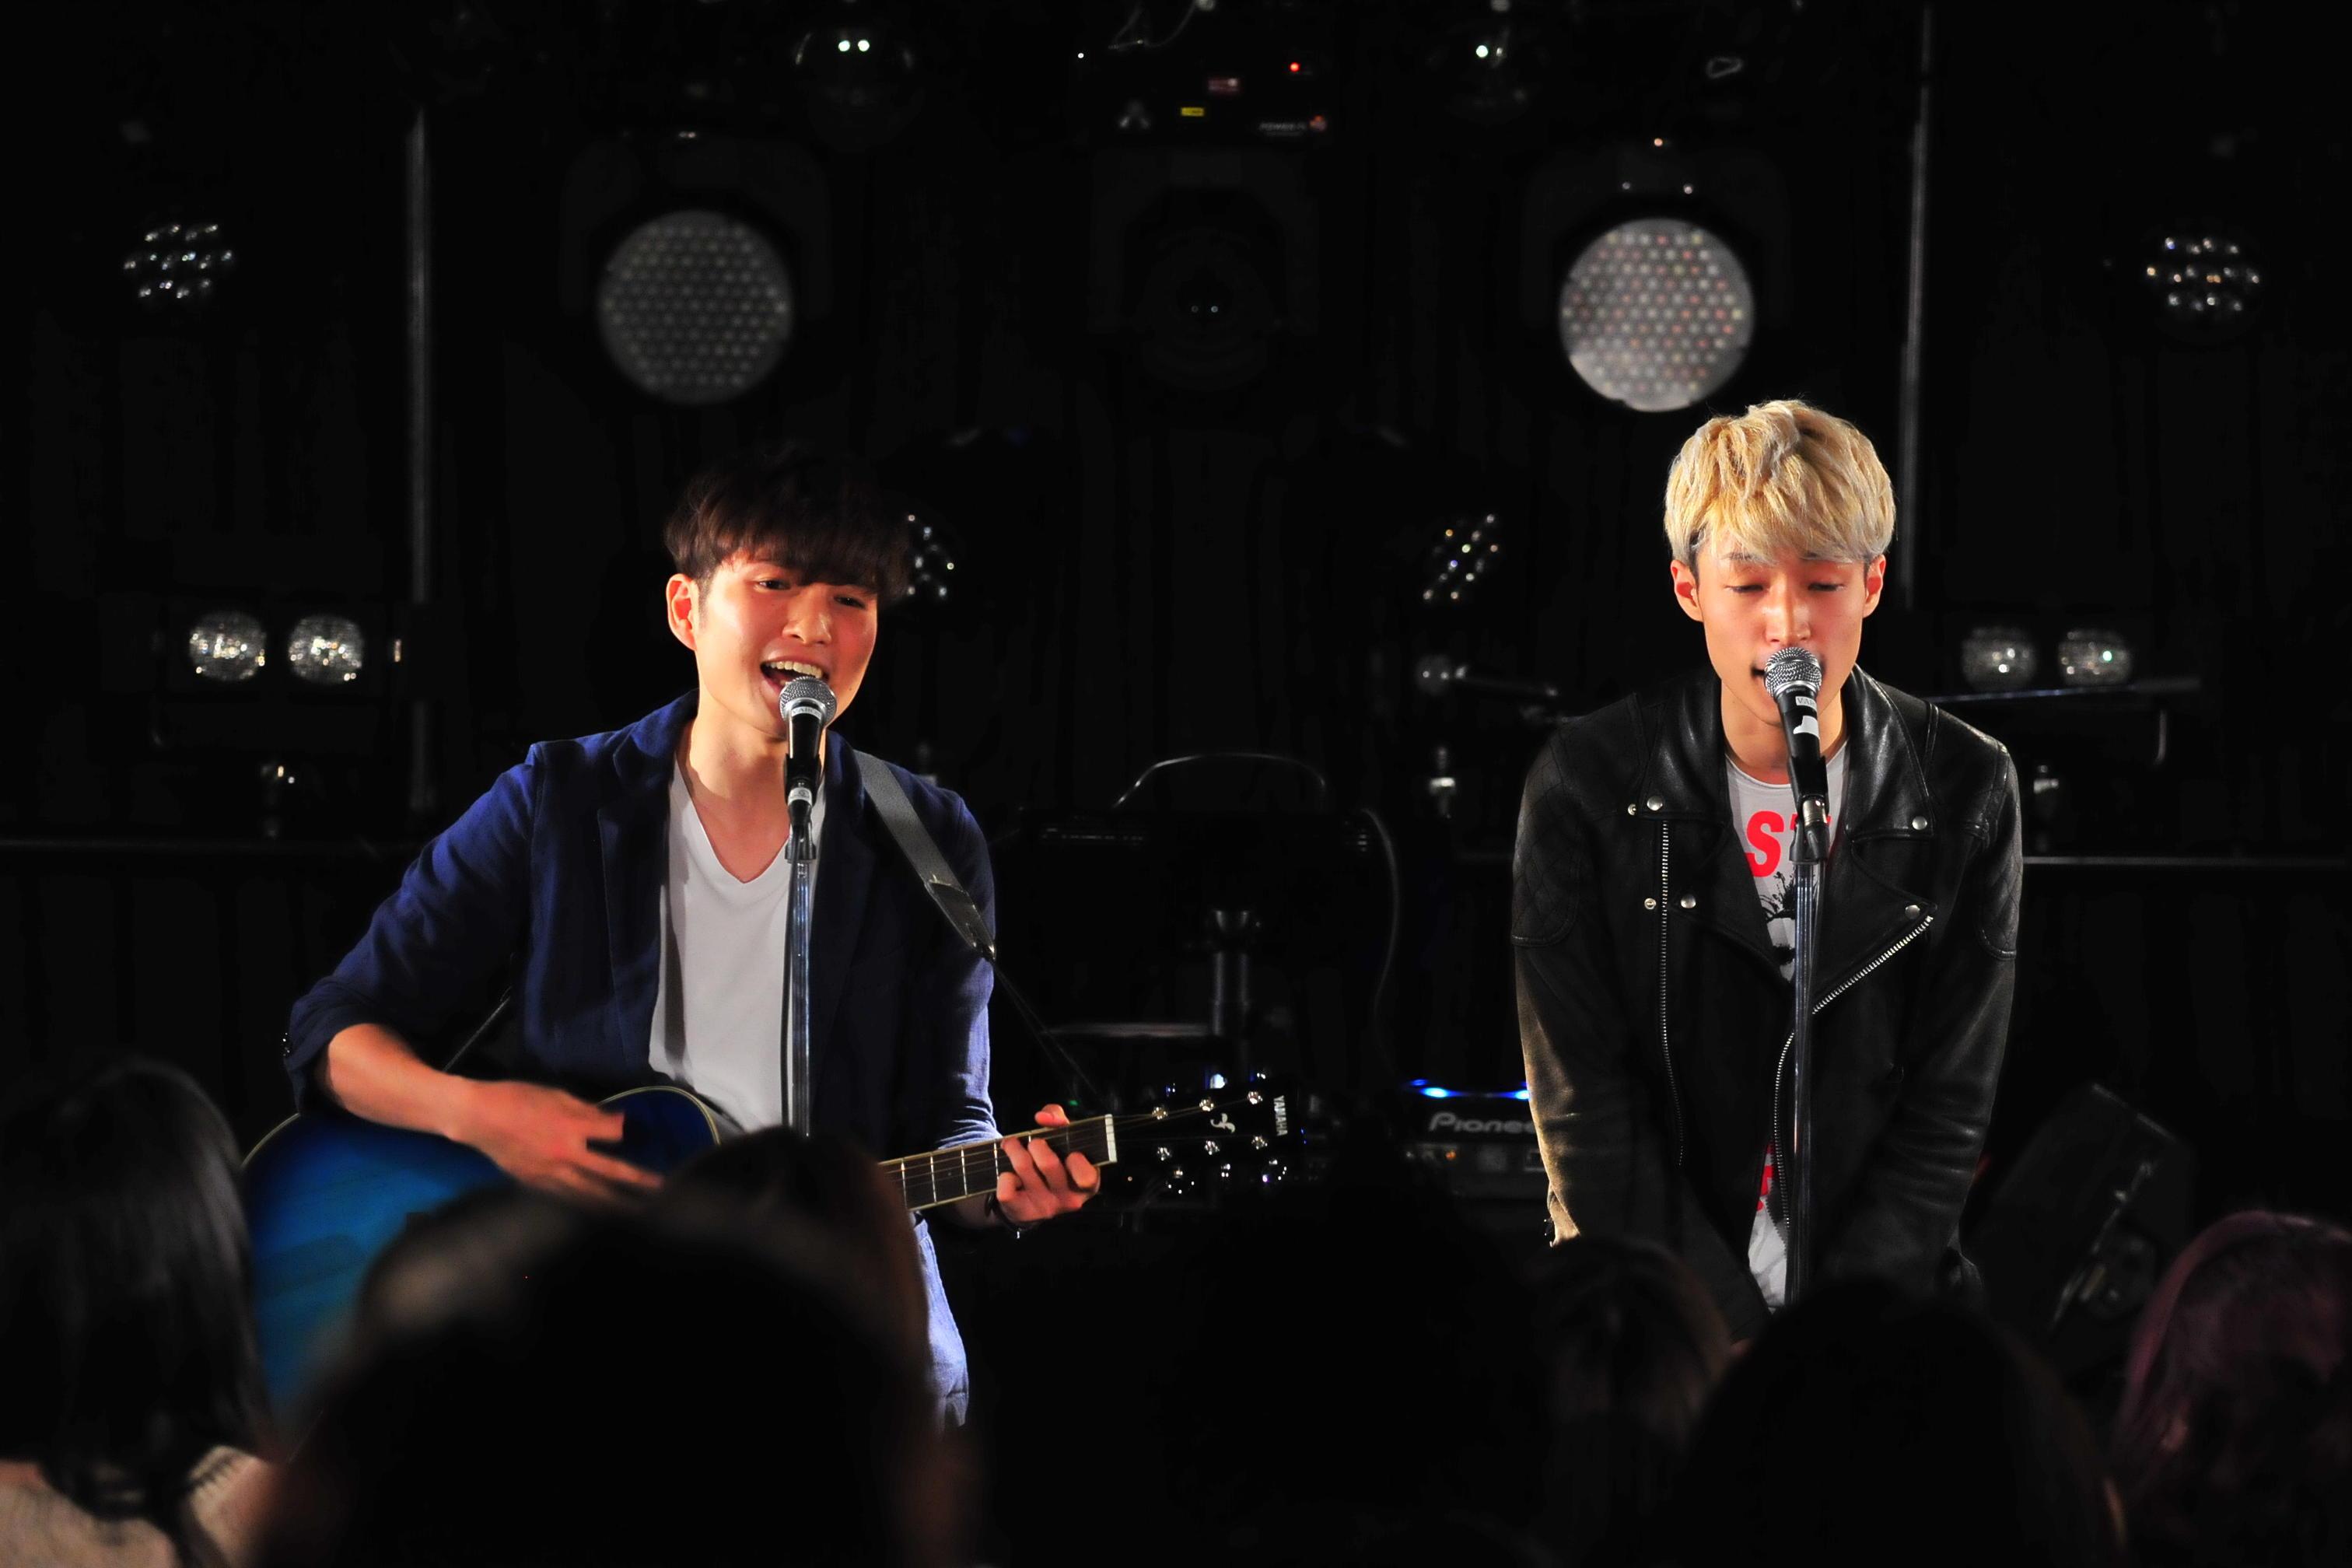 http://news.yoshimoto.co.jp/20170125192353-83c373944f19e43fee51f51ea4d626e5a47001ed.jpg